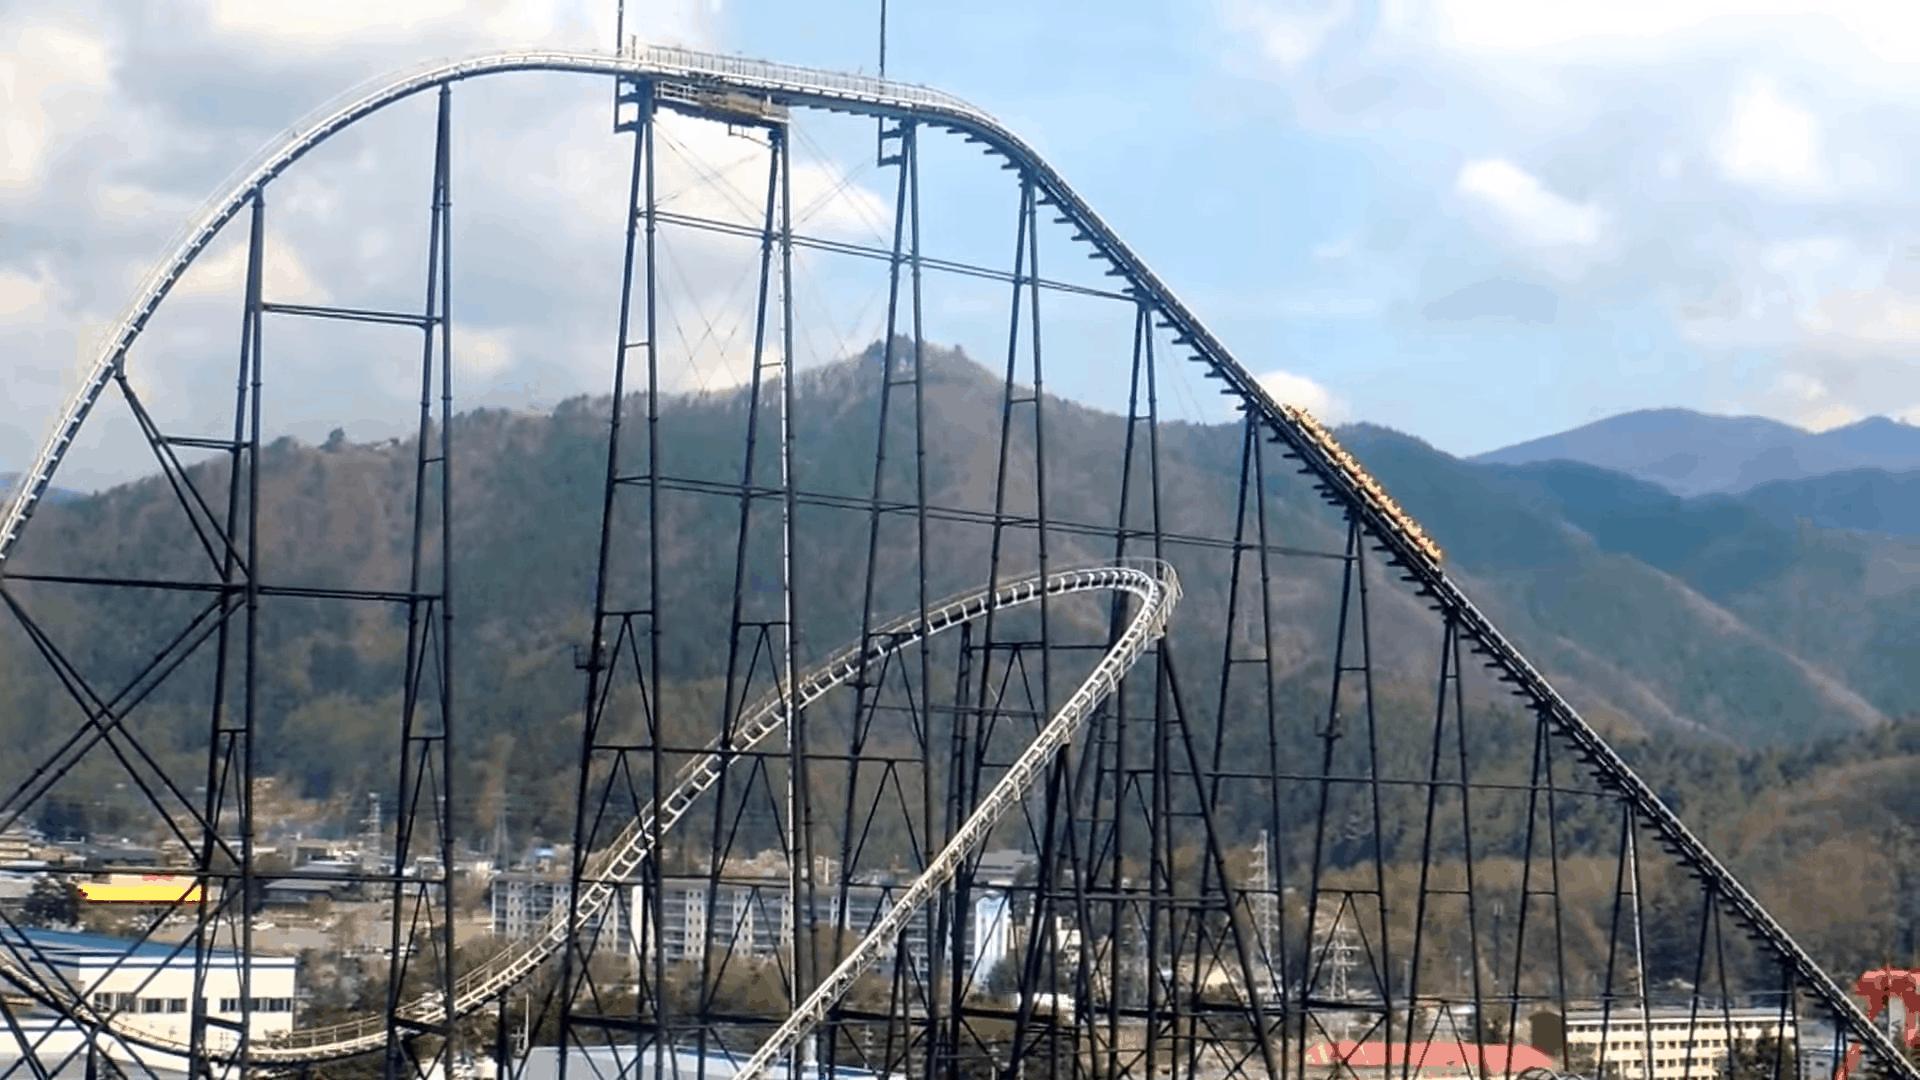 Fujiyama เครื่องเล่นที่สวนสนุก Fuji-Q Highland